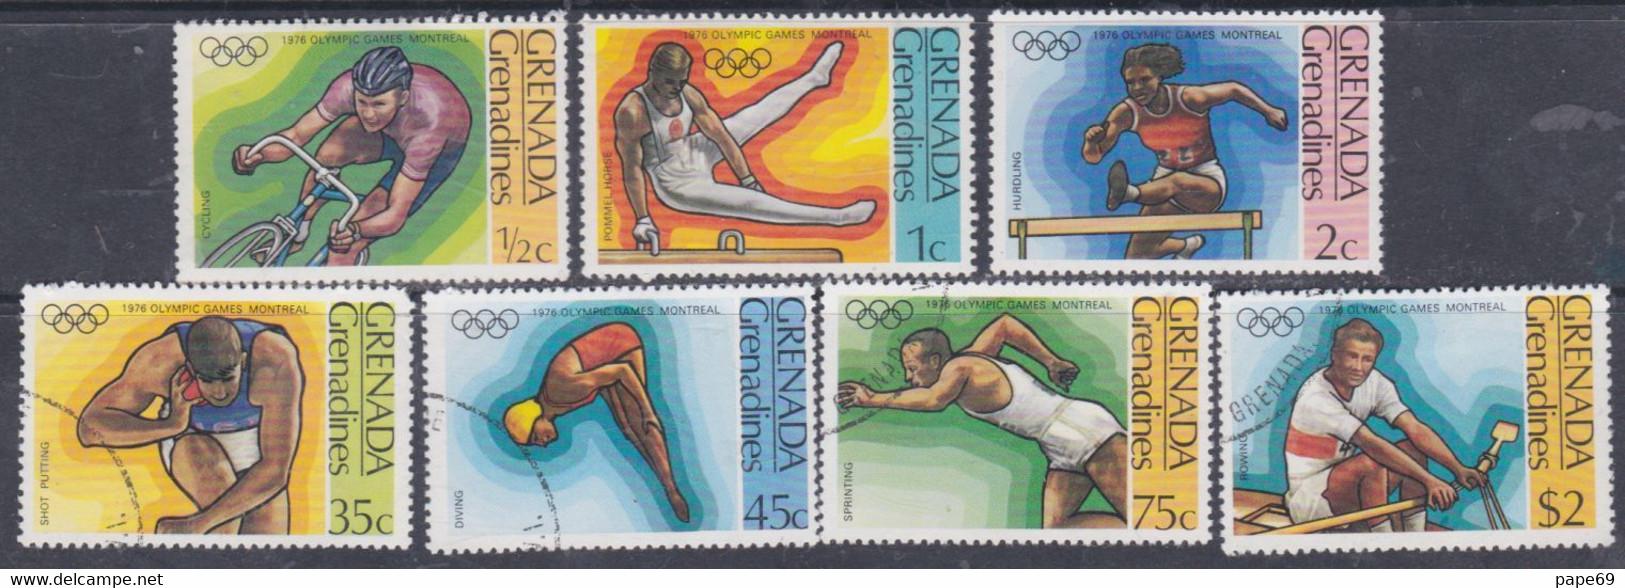 Grenadines N° 170 / 76  X, O  Jeux Olympiques De Montréal,  Les 7 Valeurs Trace De Charnière Ou Oblitérées, TB - America (Other)